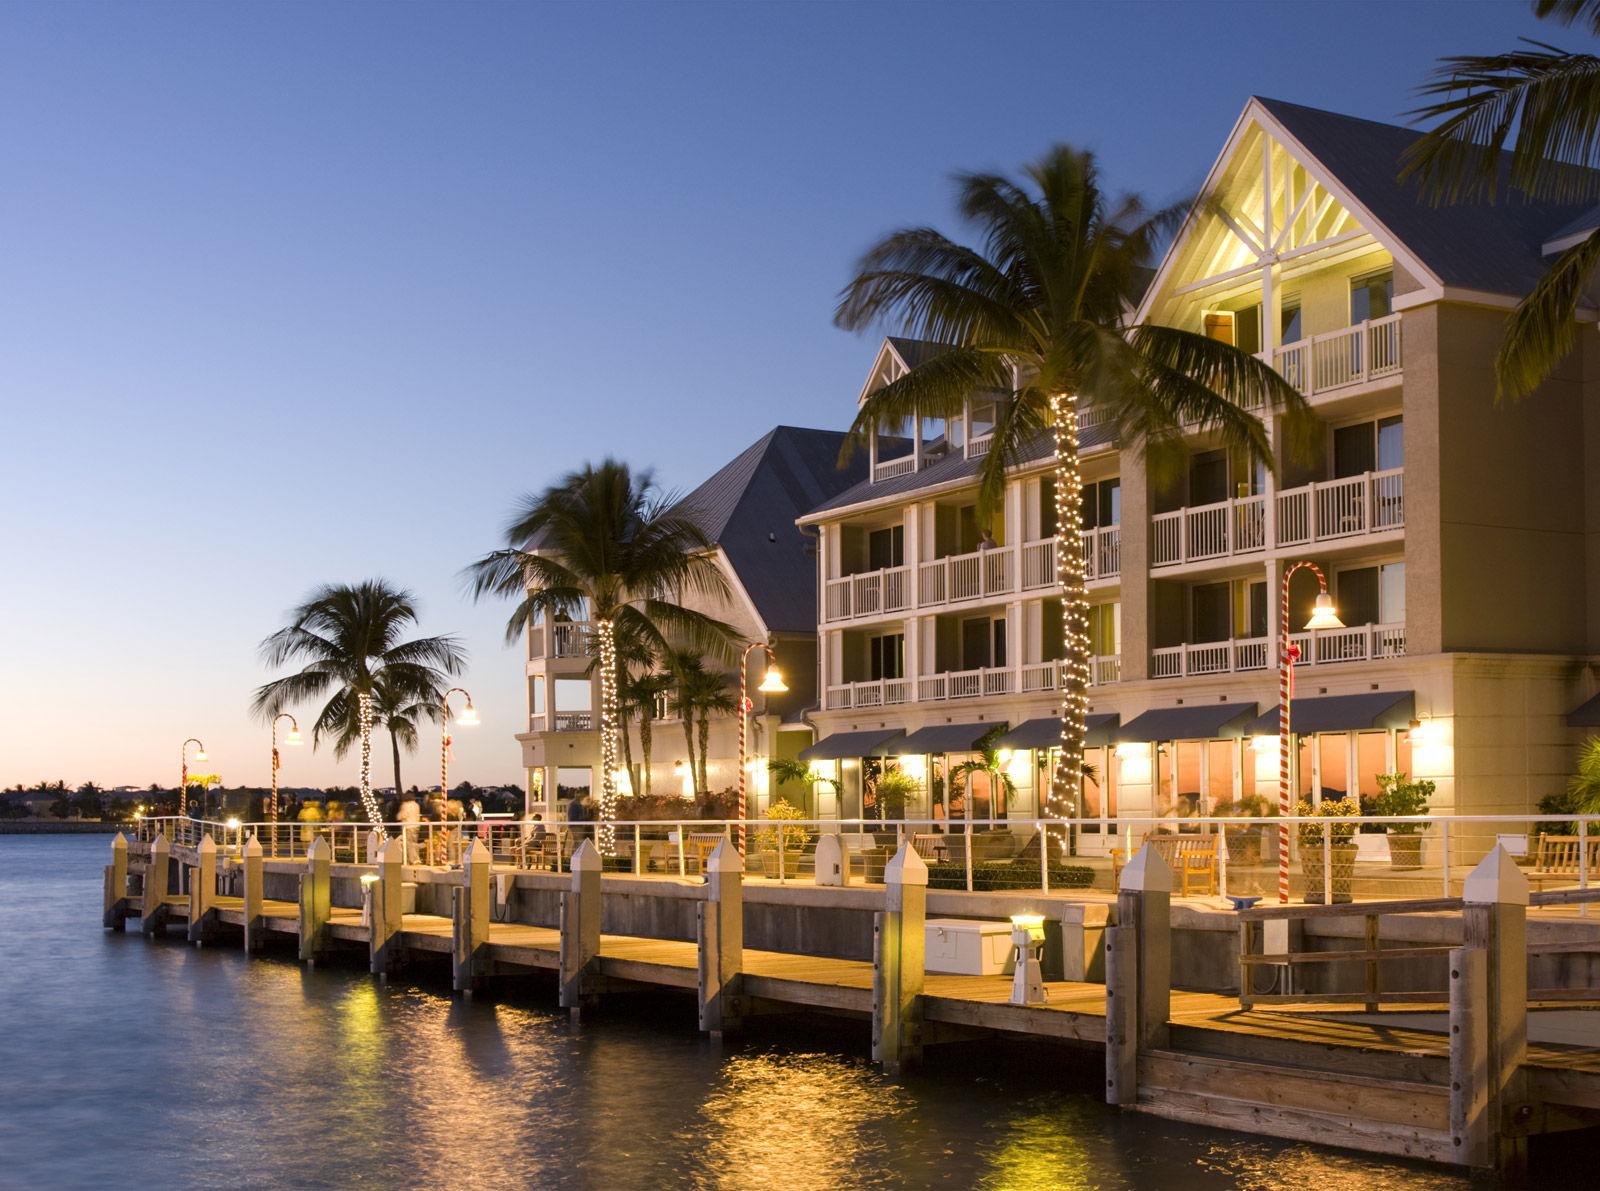 Key West Hotels >> Key West Hotels Key West Resorts Key West Lodging